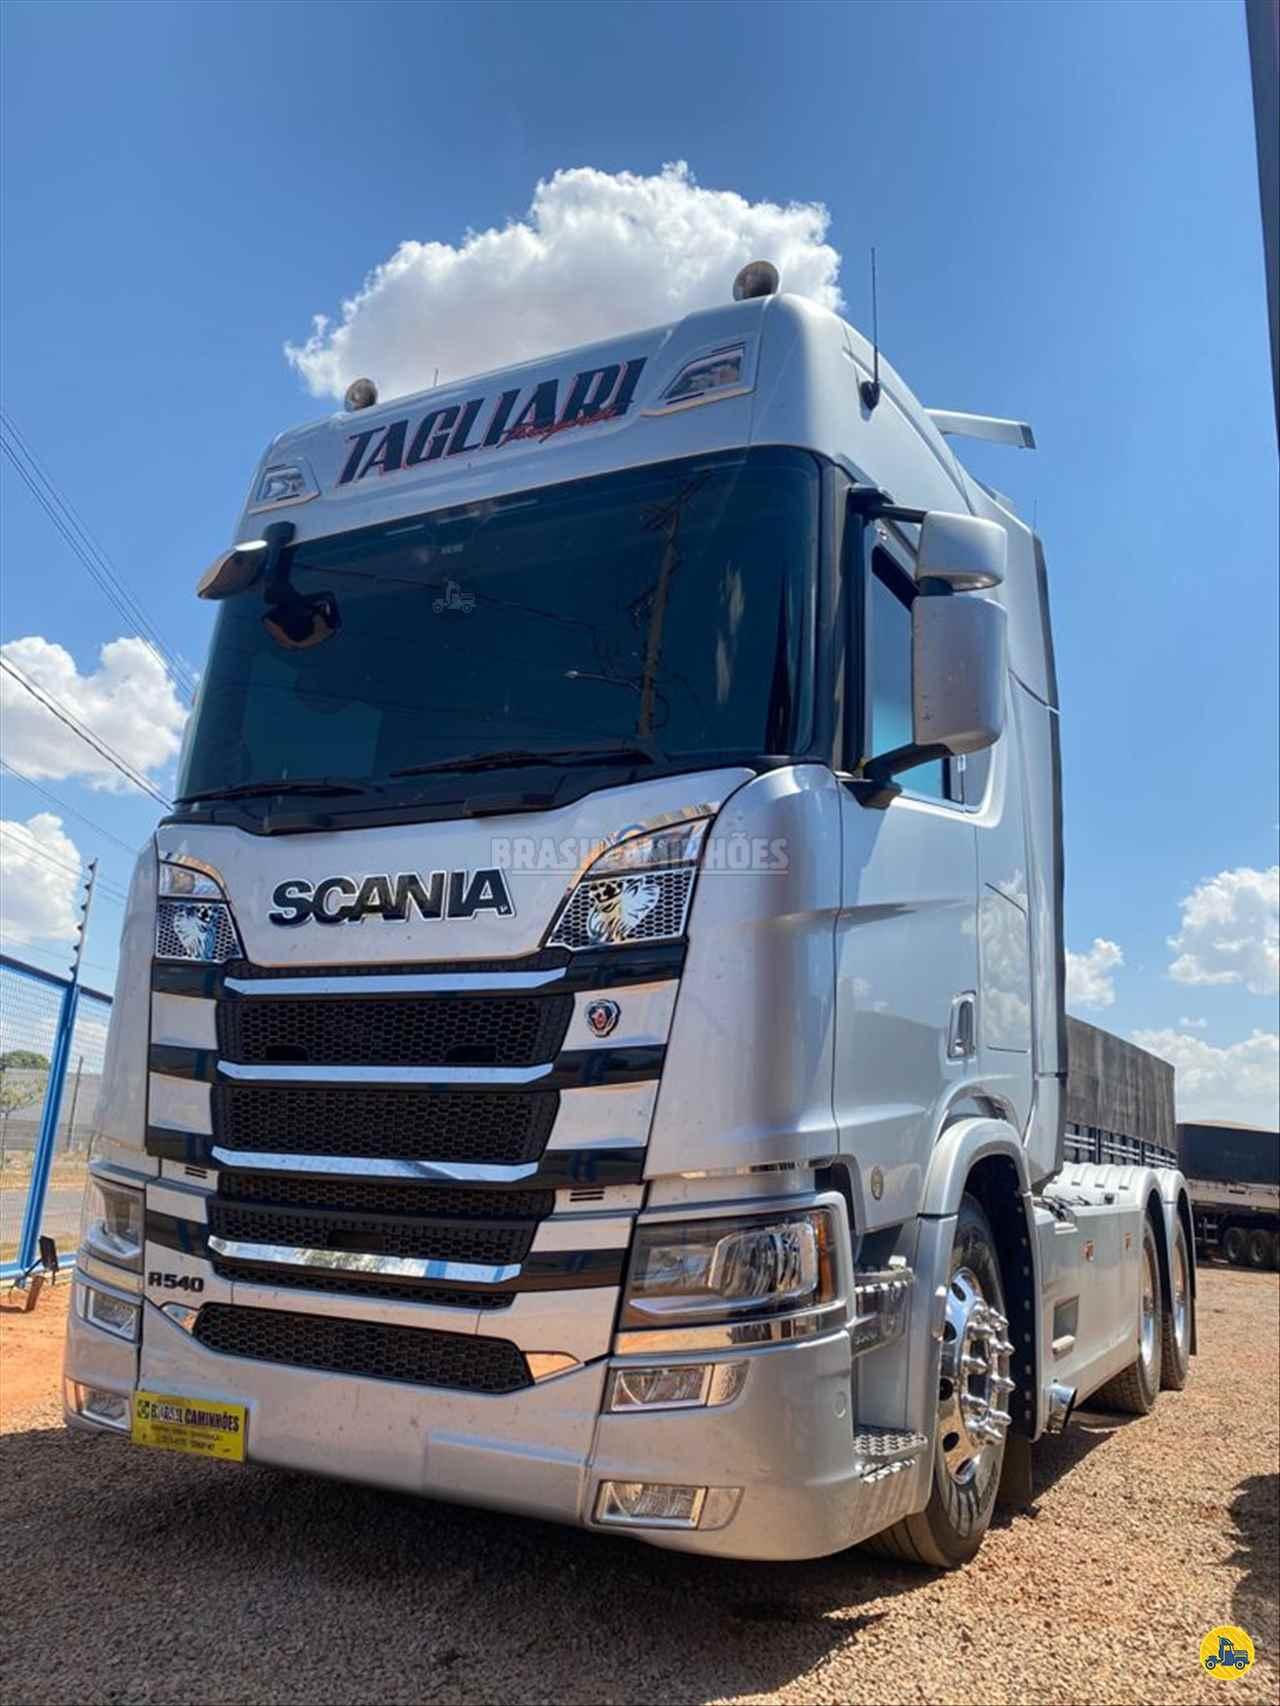 CAMINHAO SCANIA SCANIA 540 Cavalo Mecânico Traçado 6x4 Brasil Caminhões Sinop SINOP MATO GROSSO MT